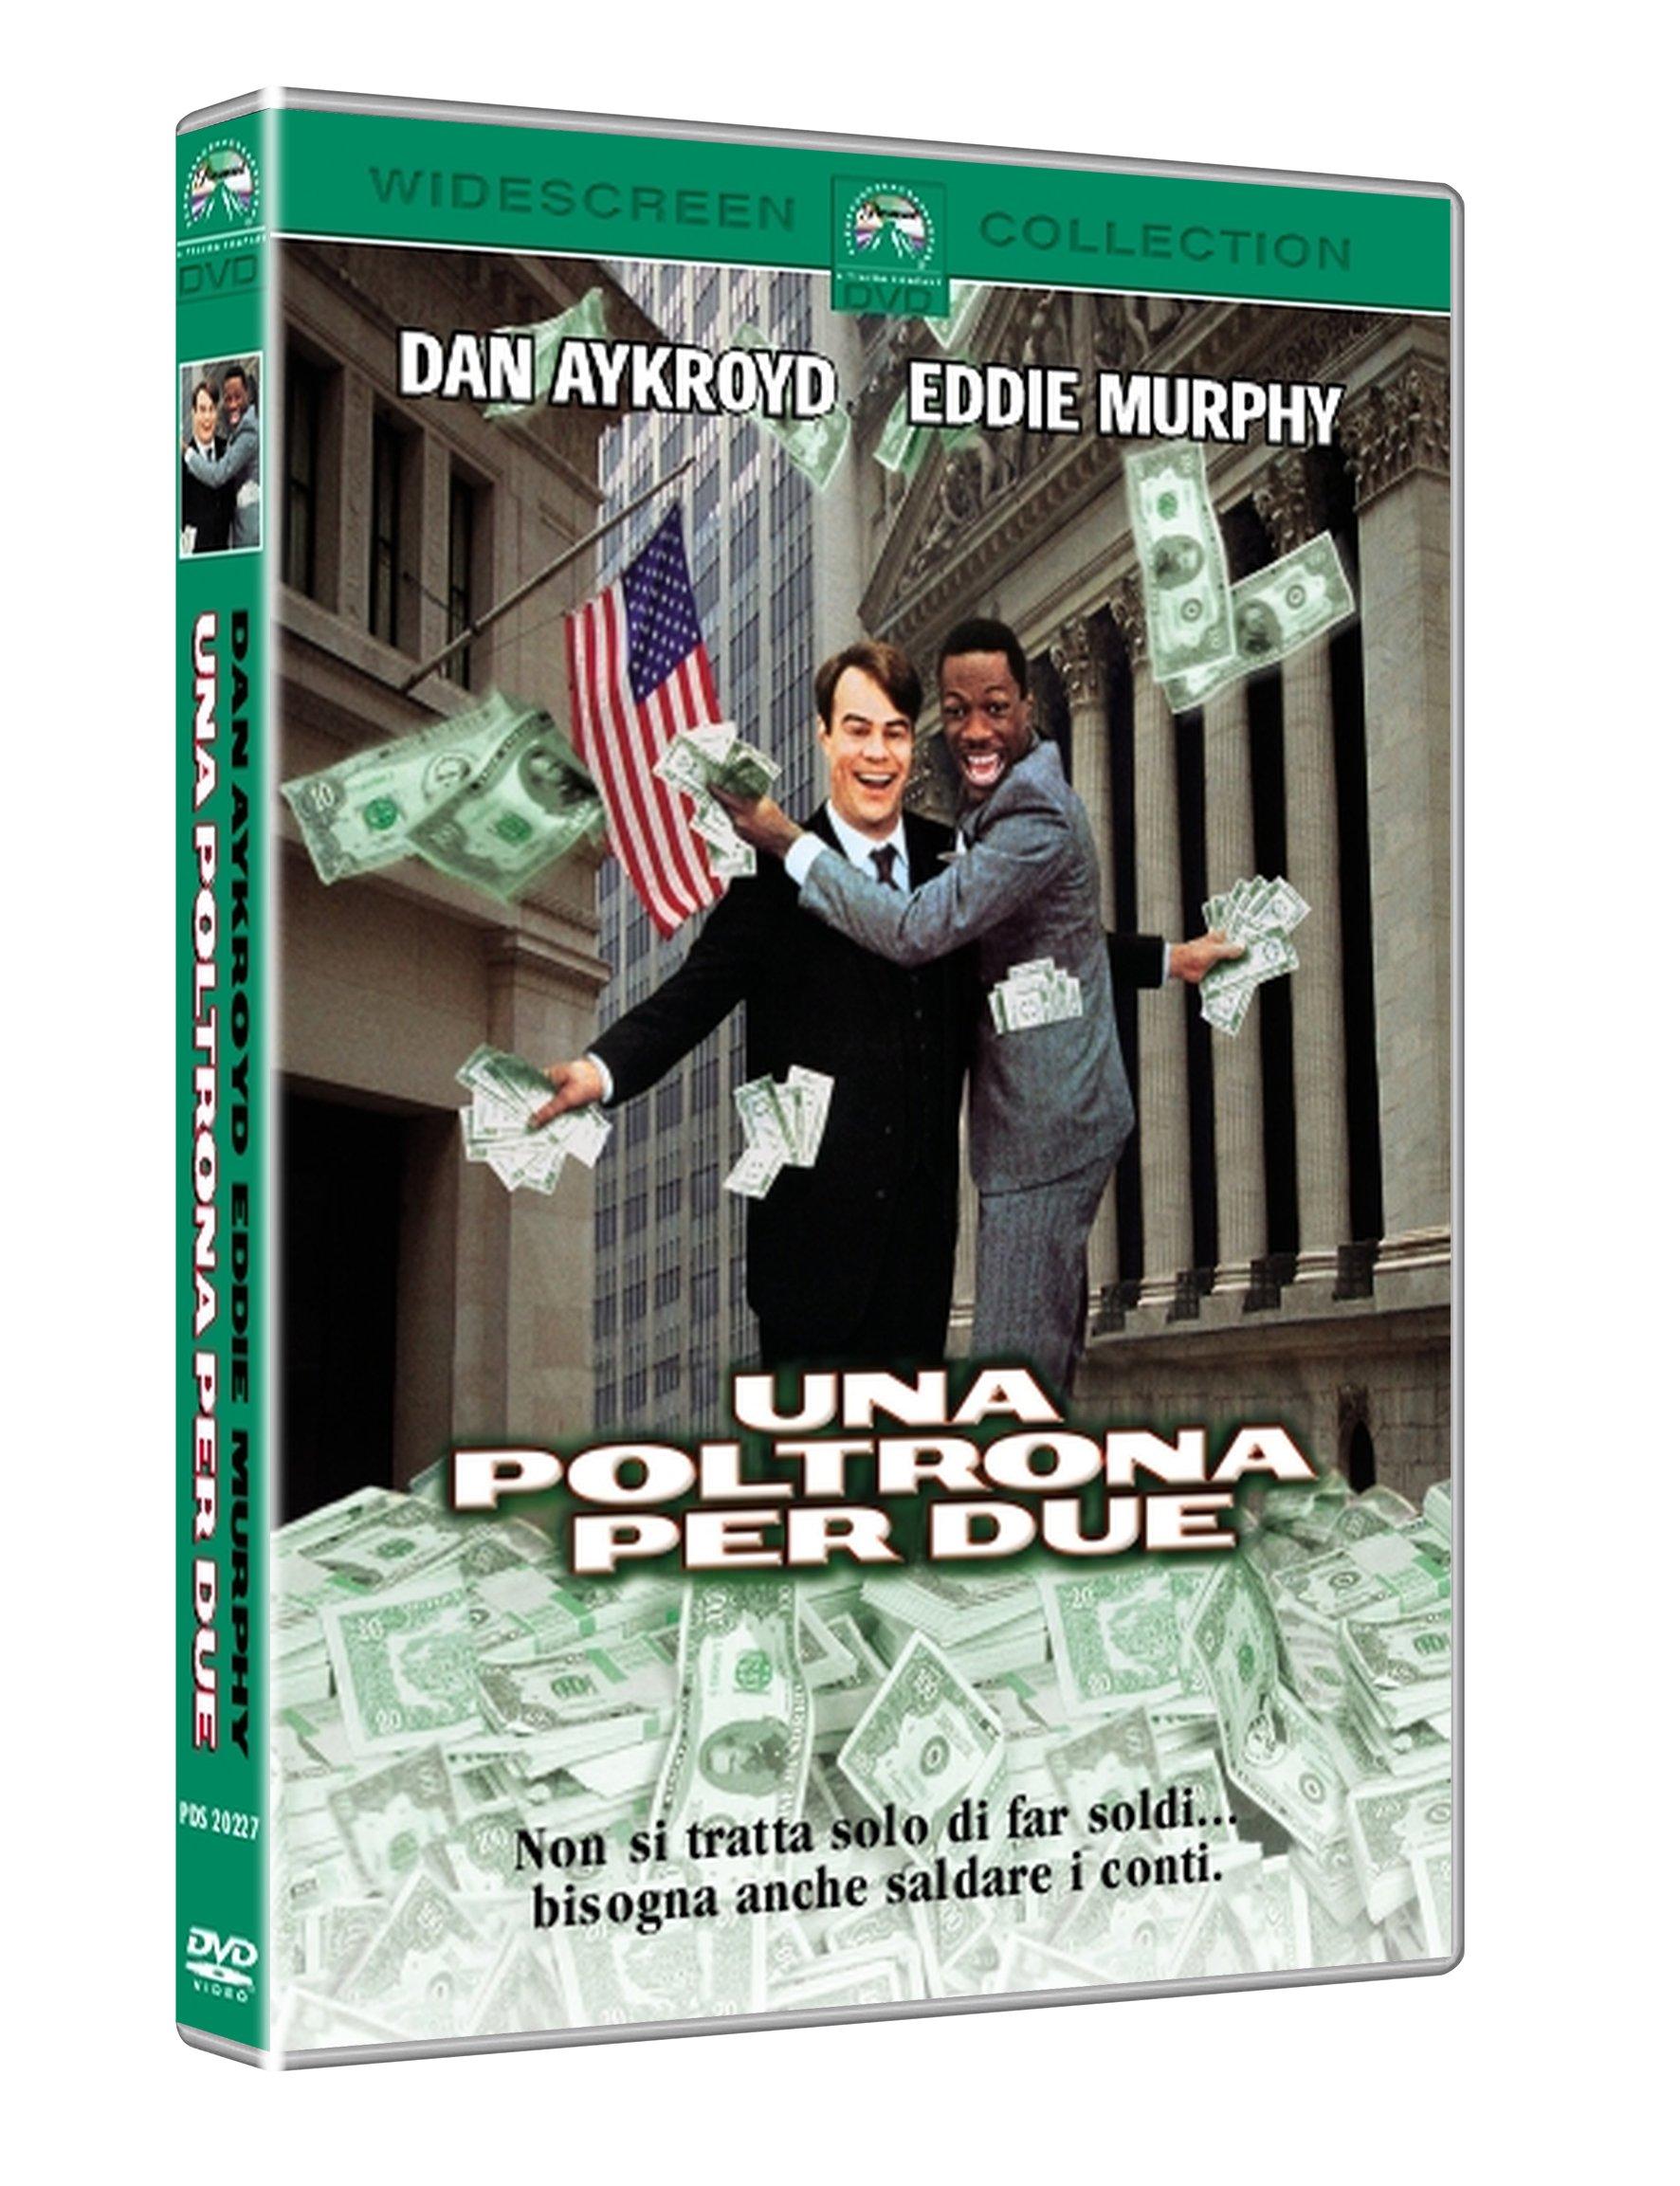 UNA POLTRONA PER DUE (DVD)